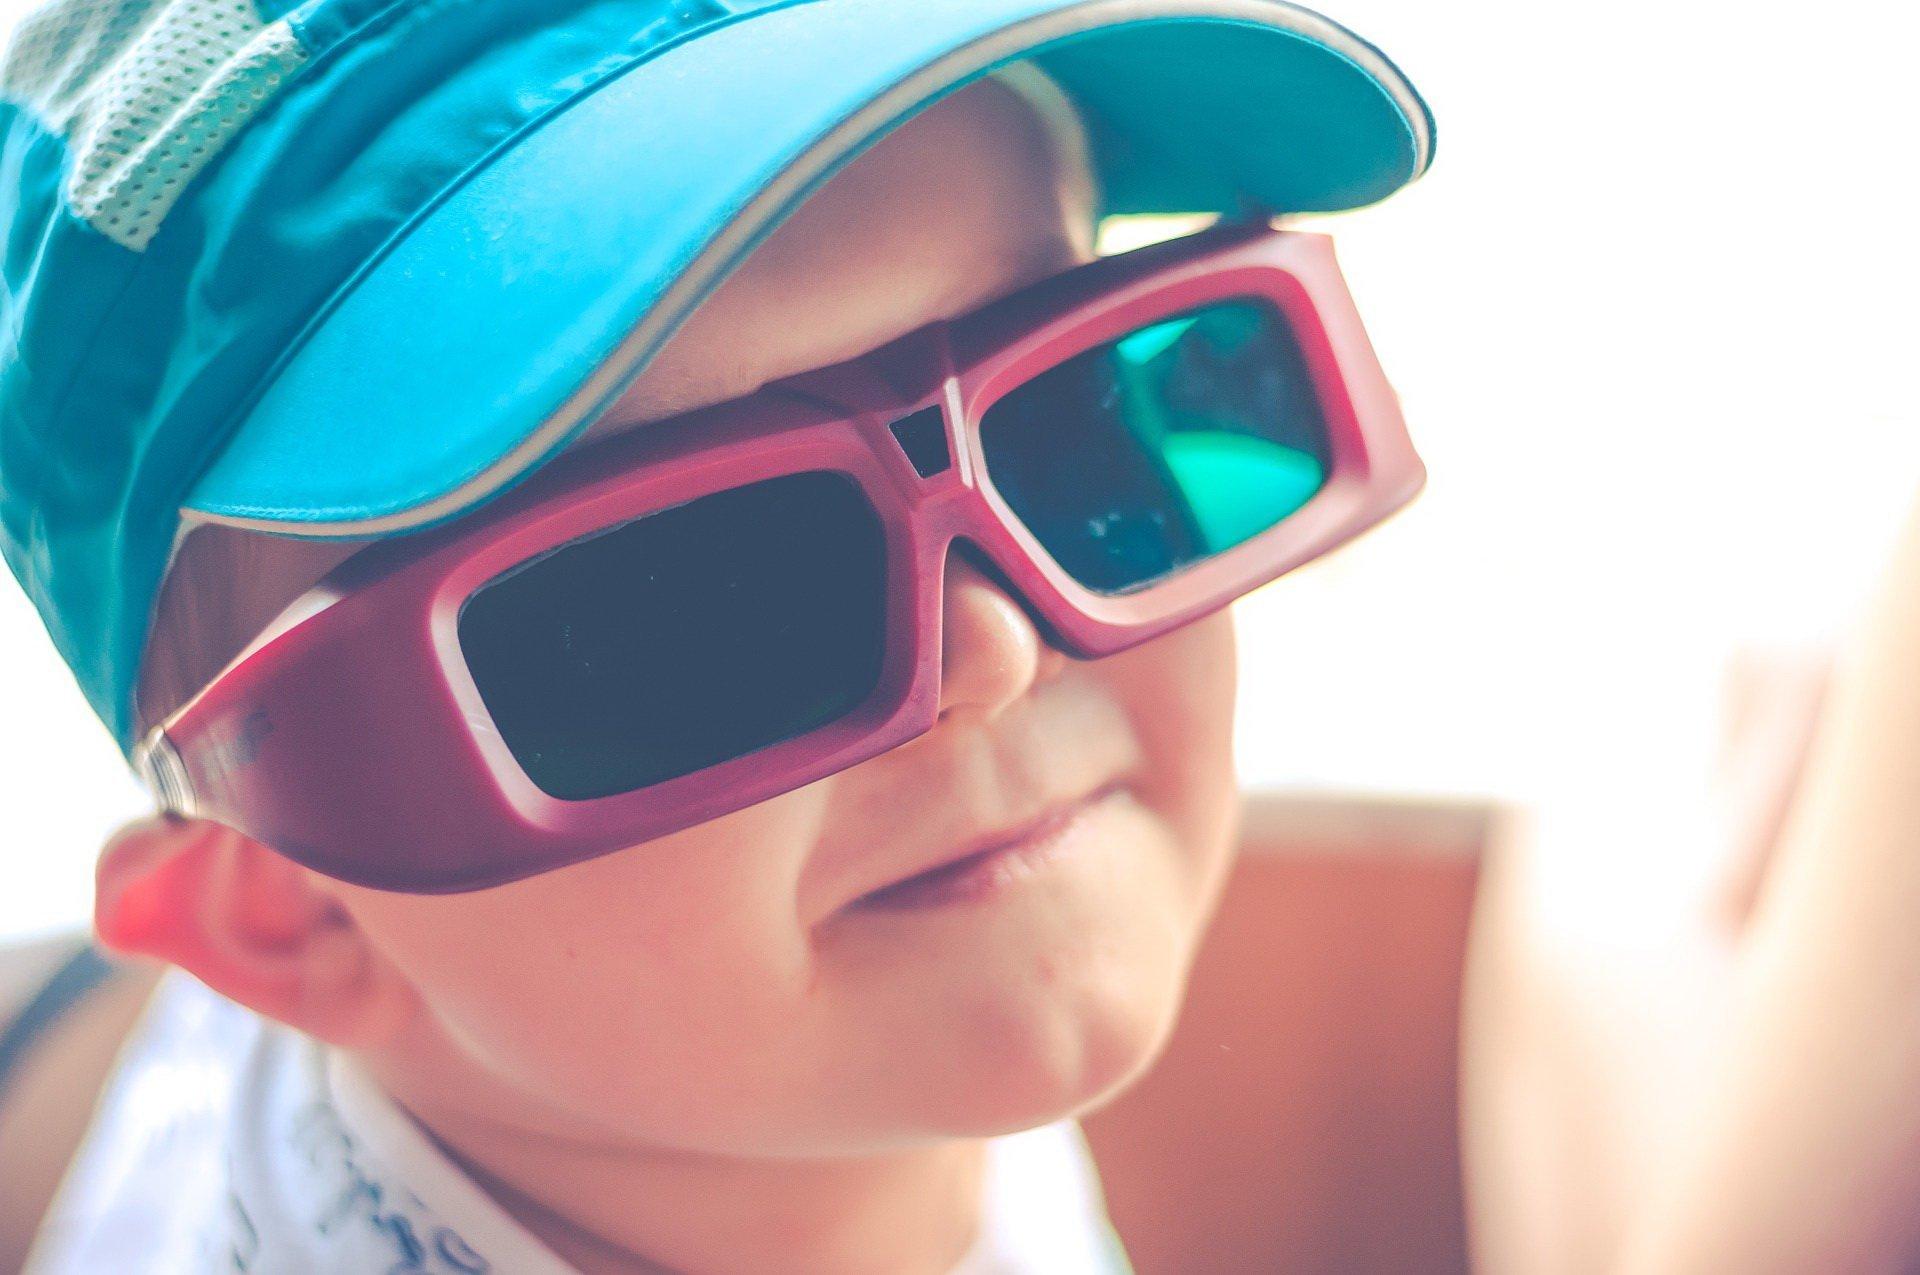 czapka niewidka wierszyk dla dzieci